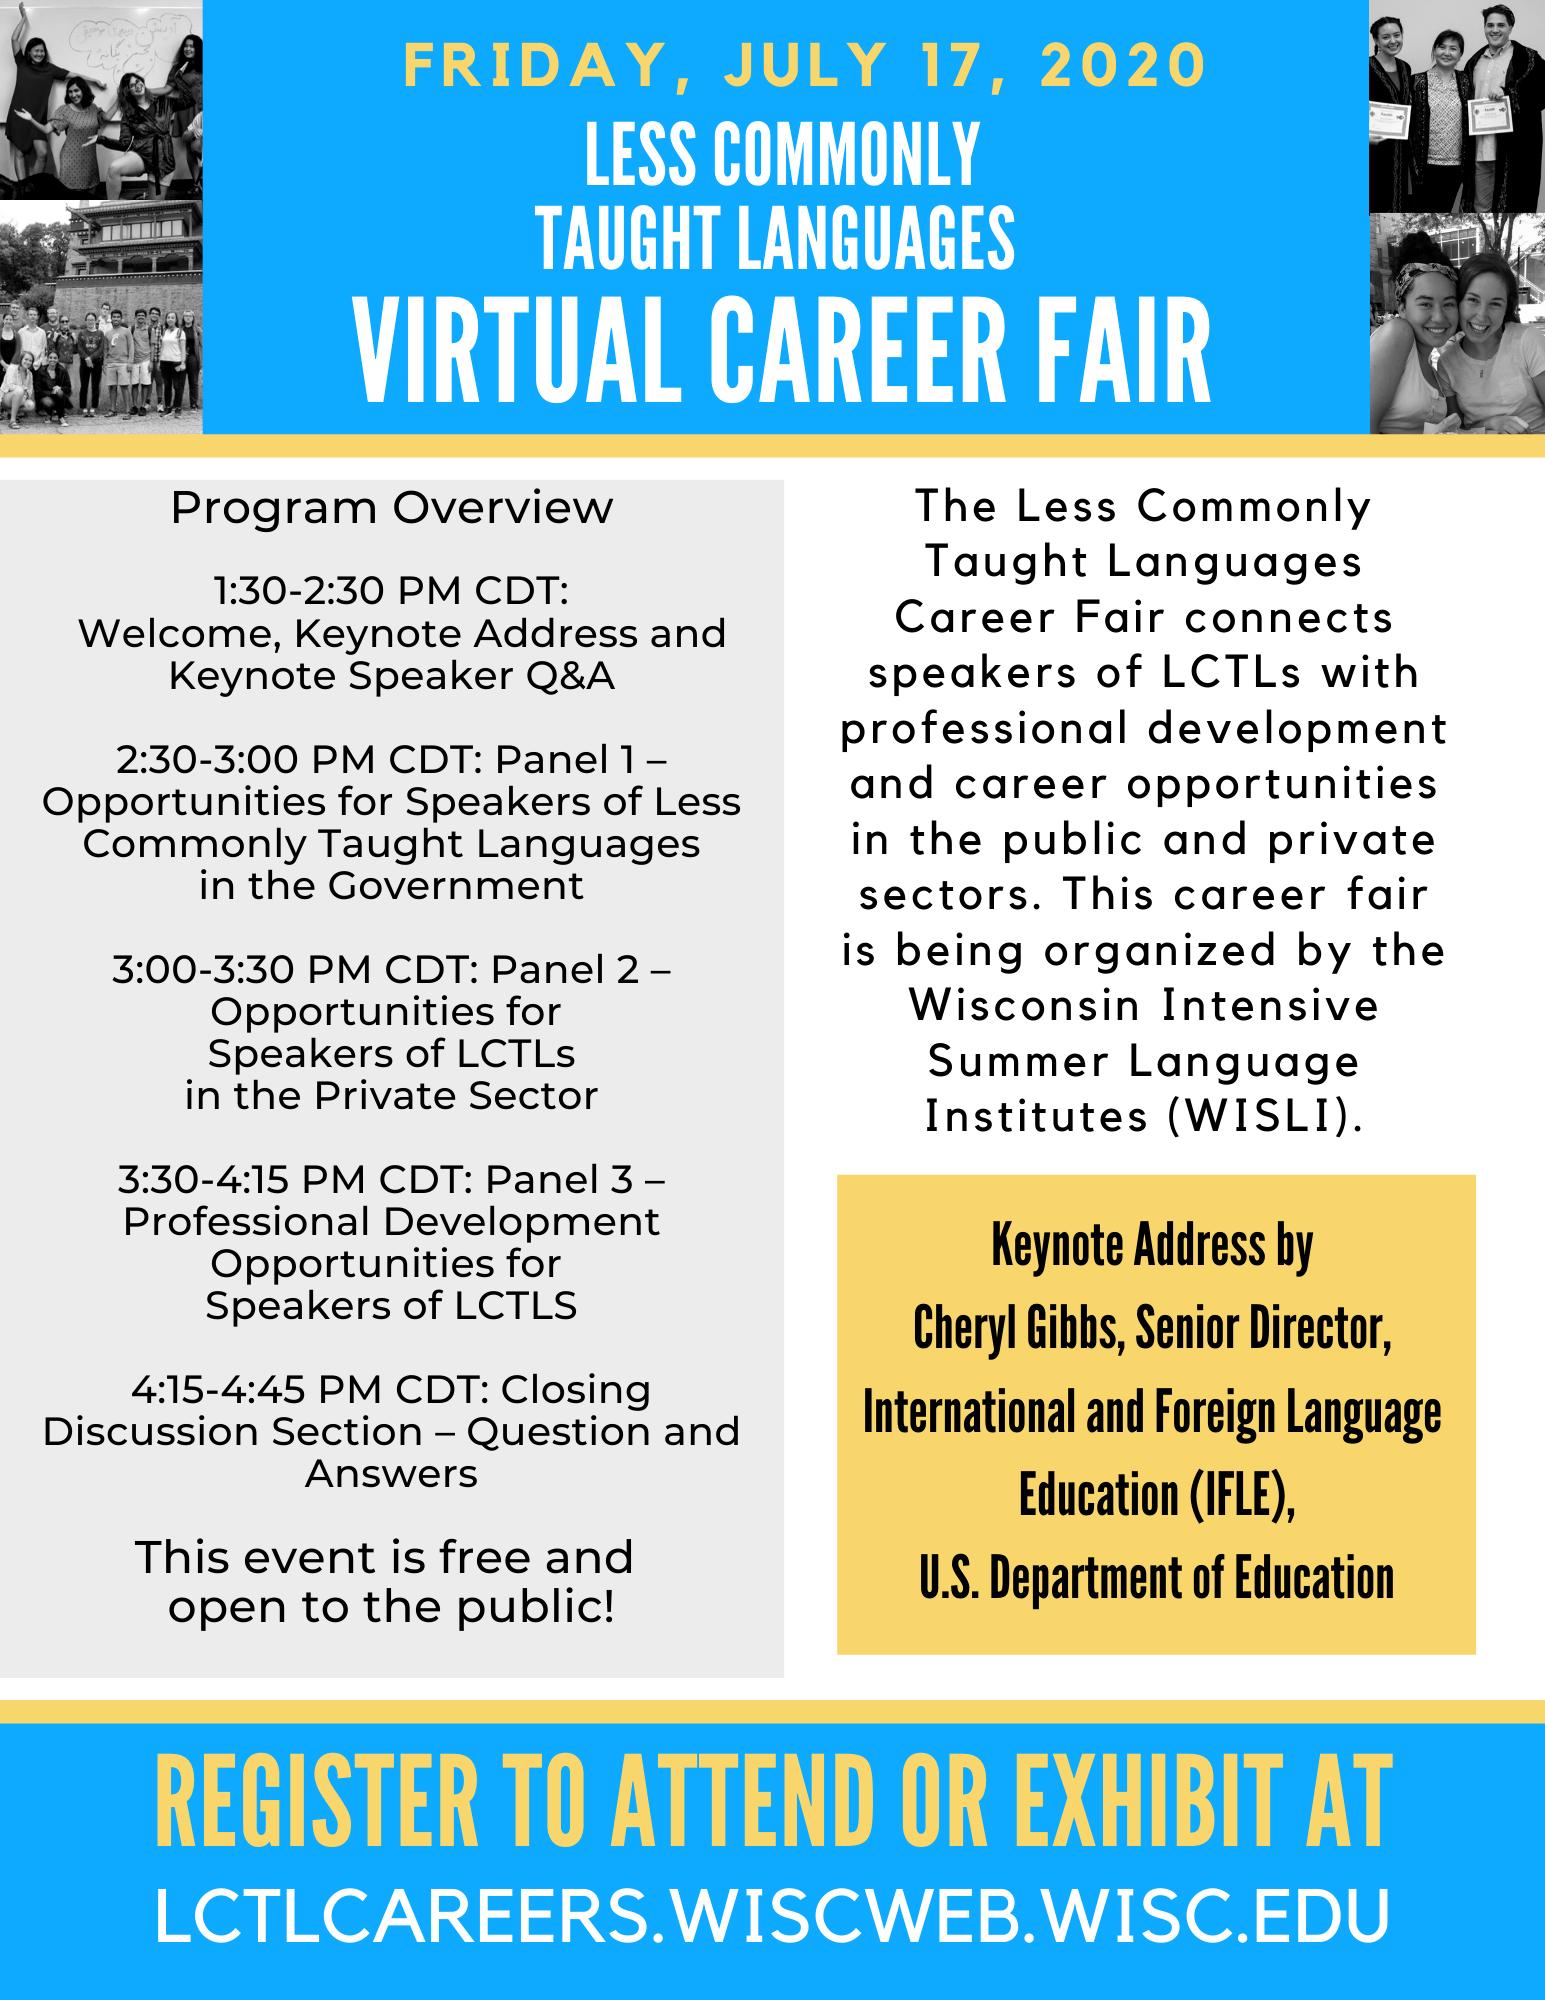 LCTL Career Fair Agenda